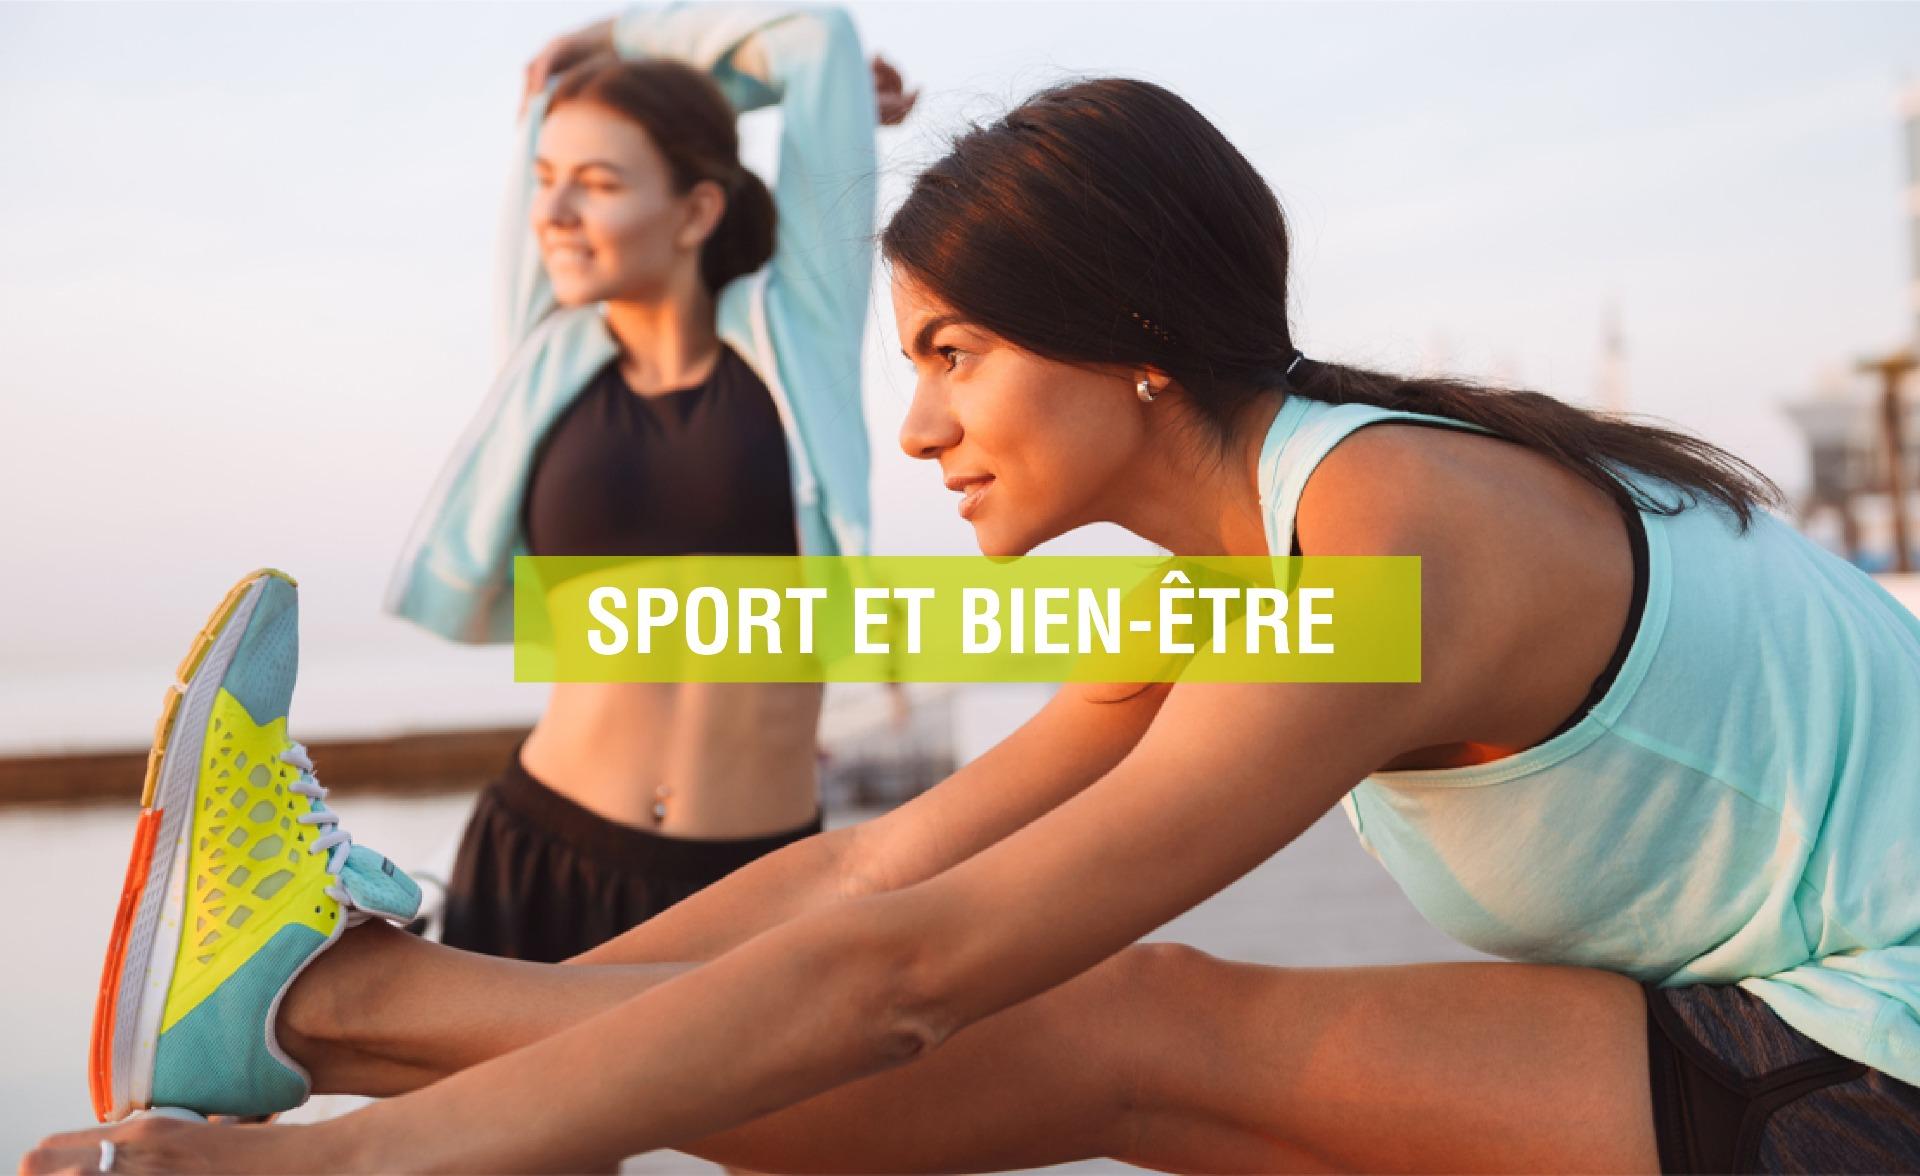 Sport et Bien-être - Blog Pharmacie Lafayette